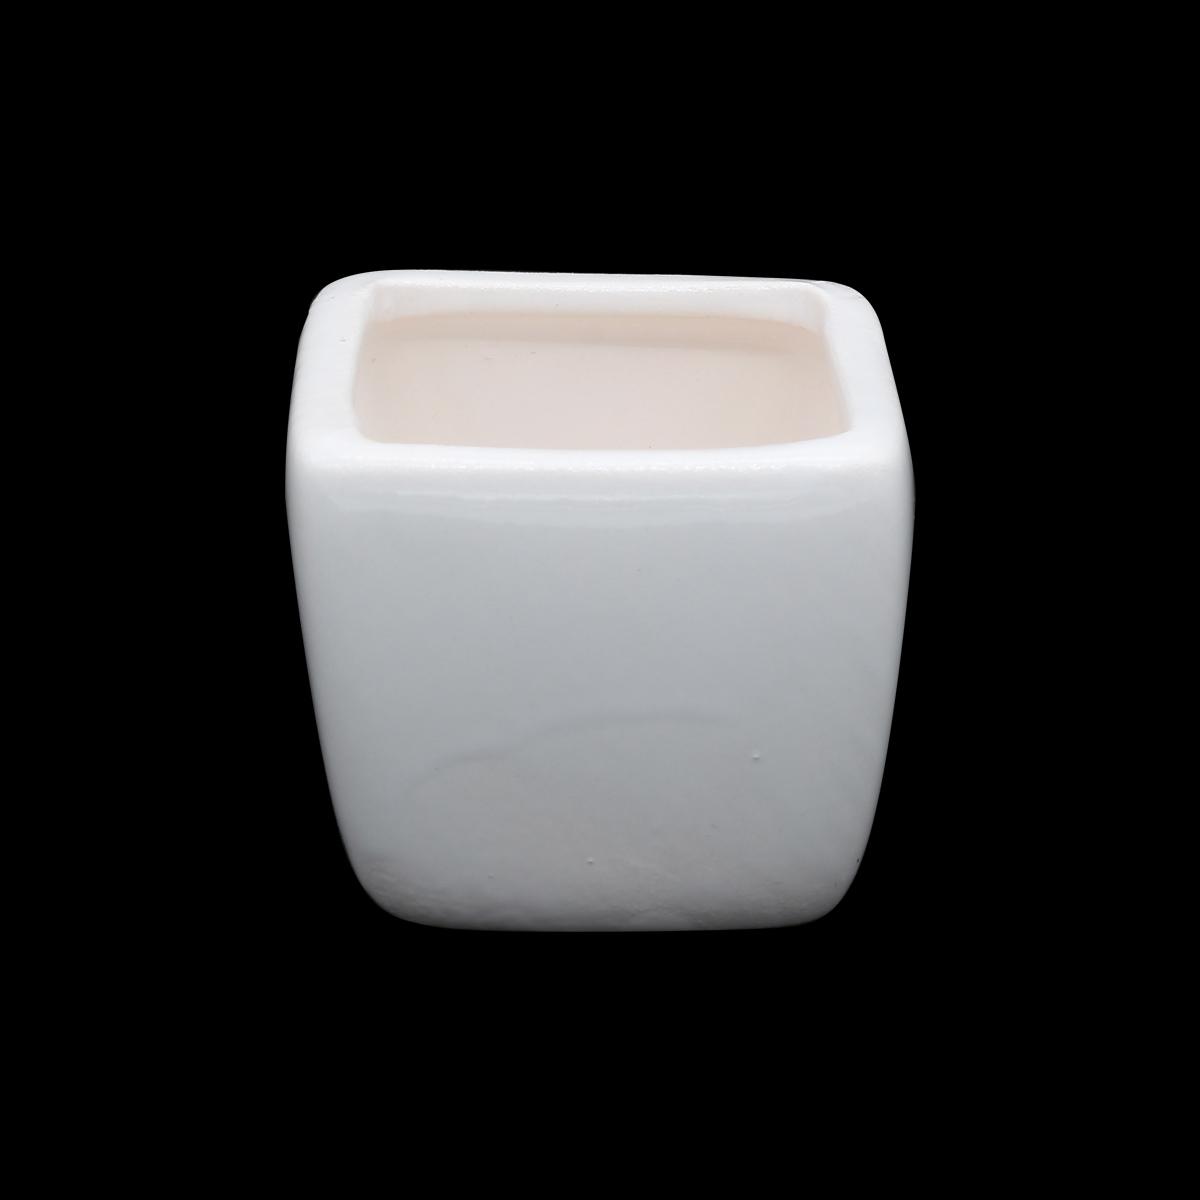 AR067 Горшок мини, керамический квадратный для цветов, 5*5,5см, цв. белый